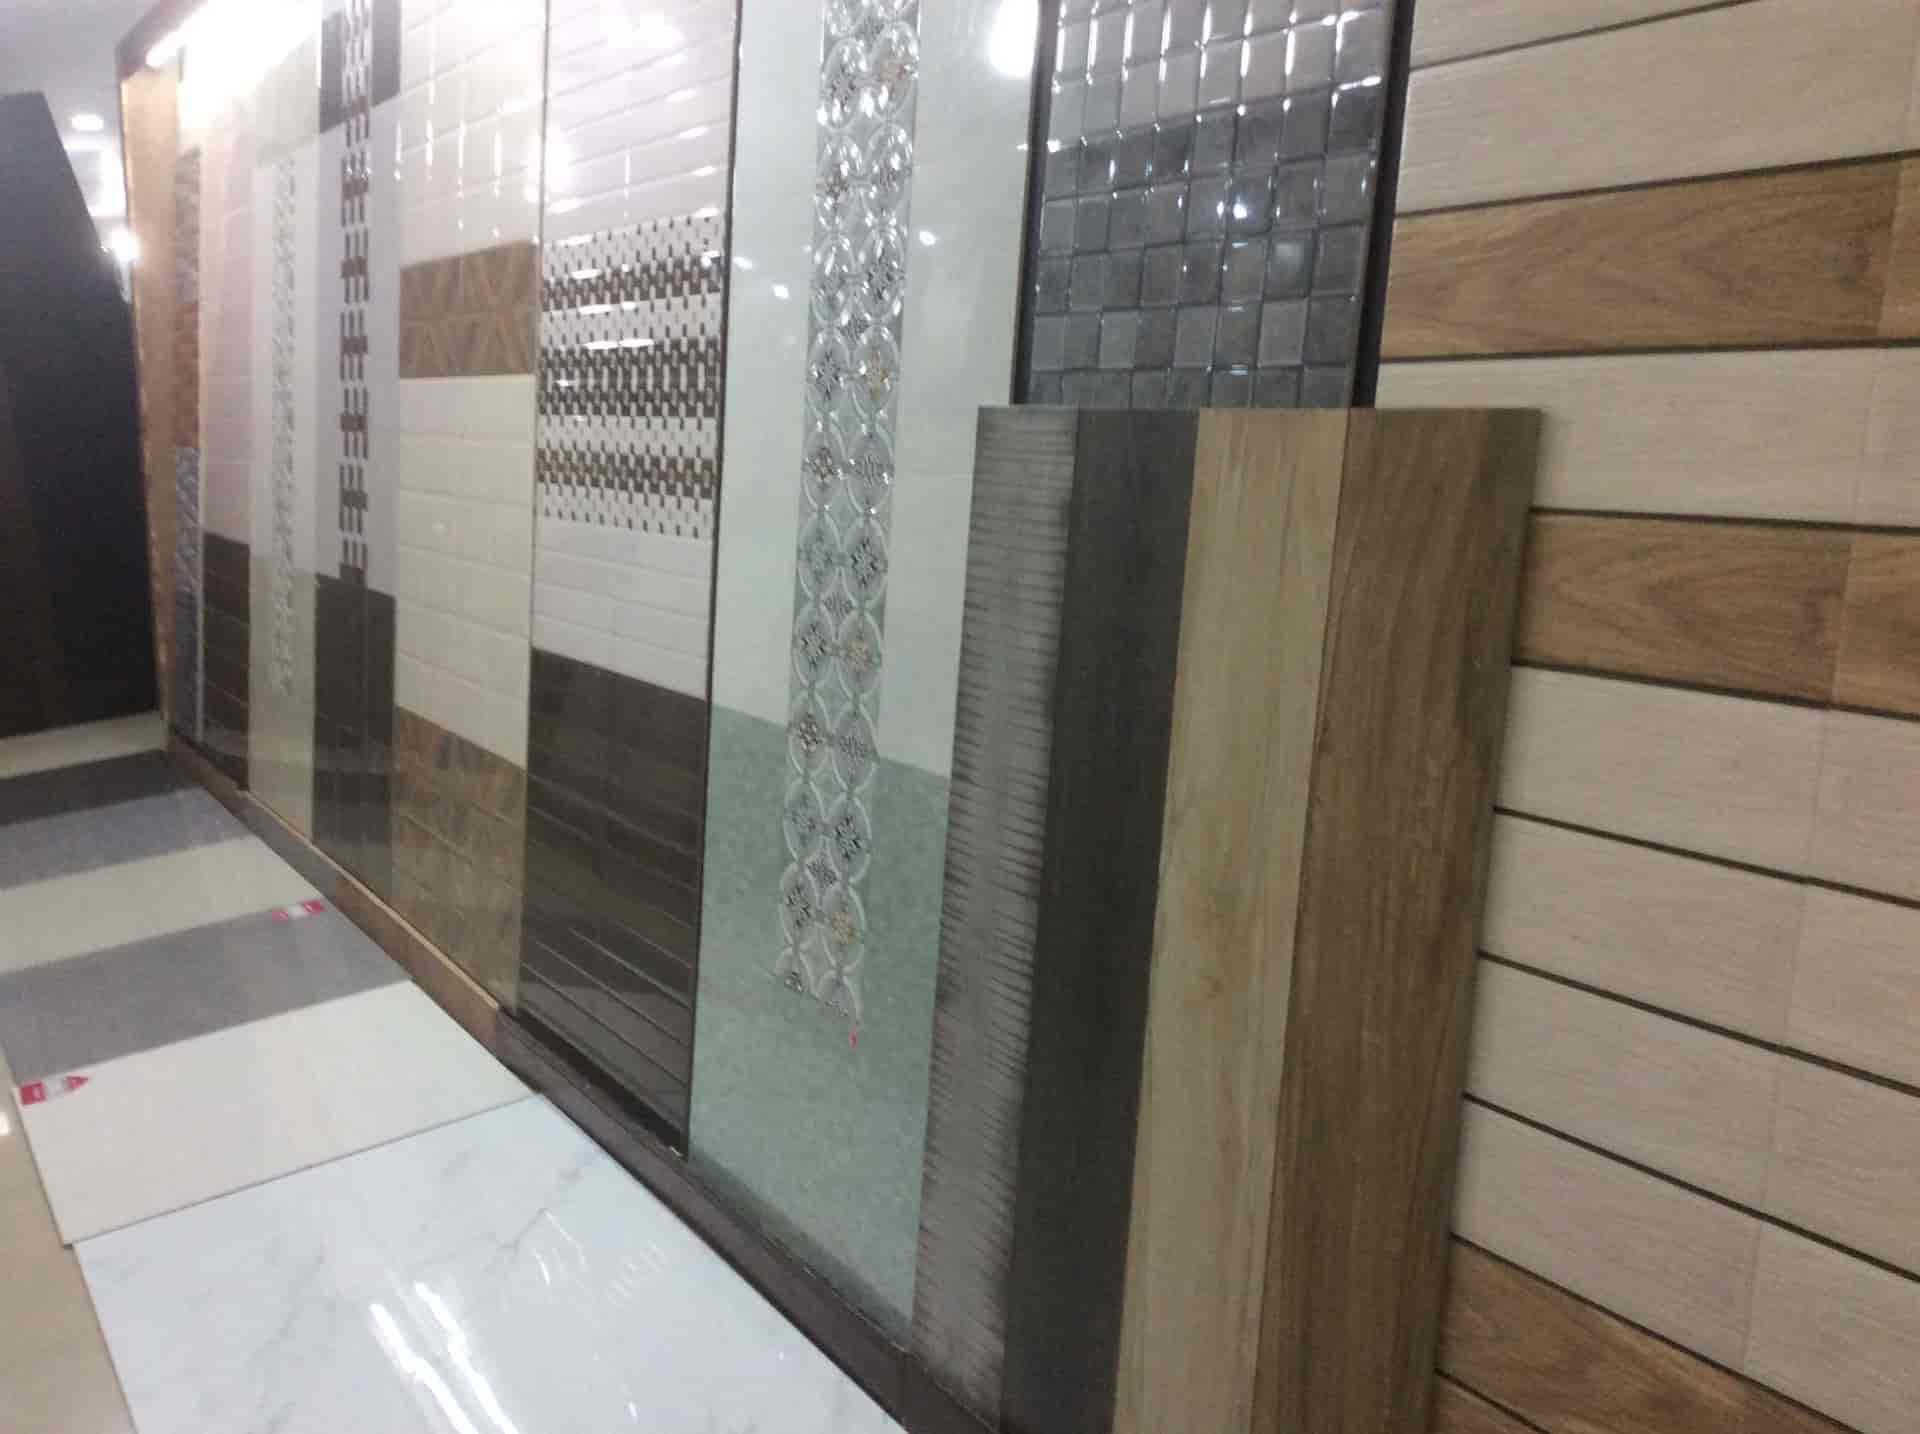 Tiles India, Thamarassery - Tile Dealers in Kozhikode - Justdial